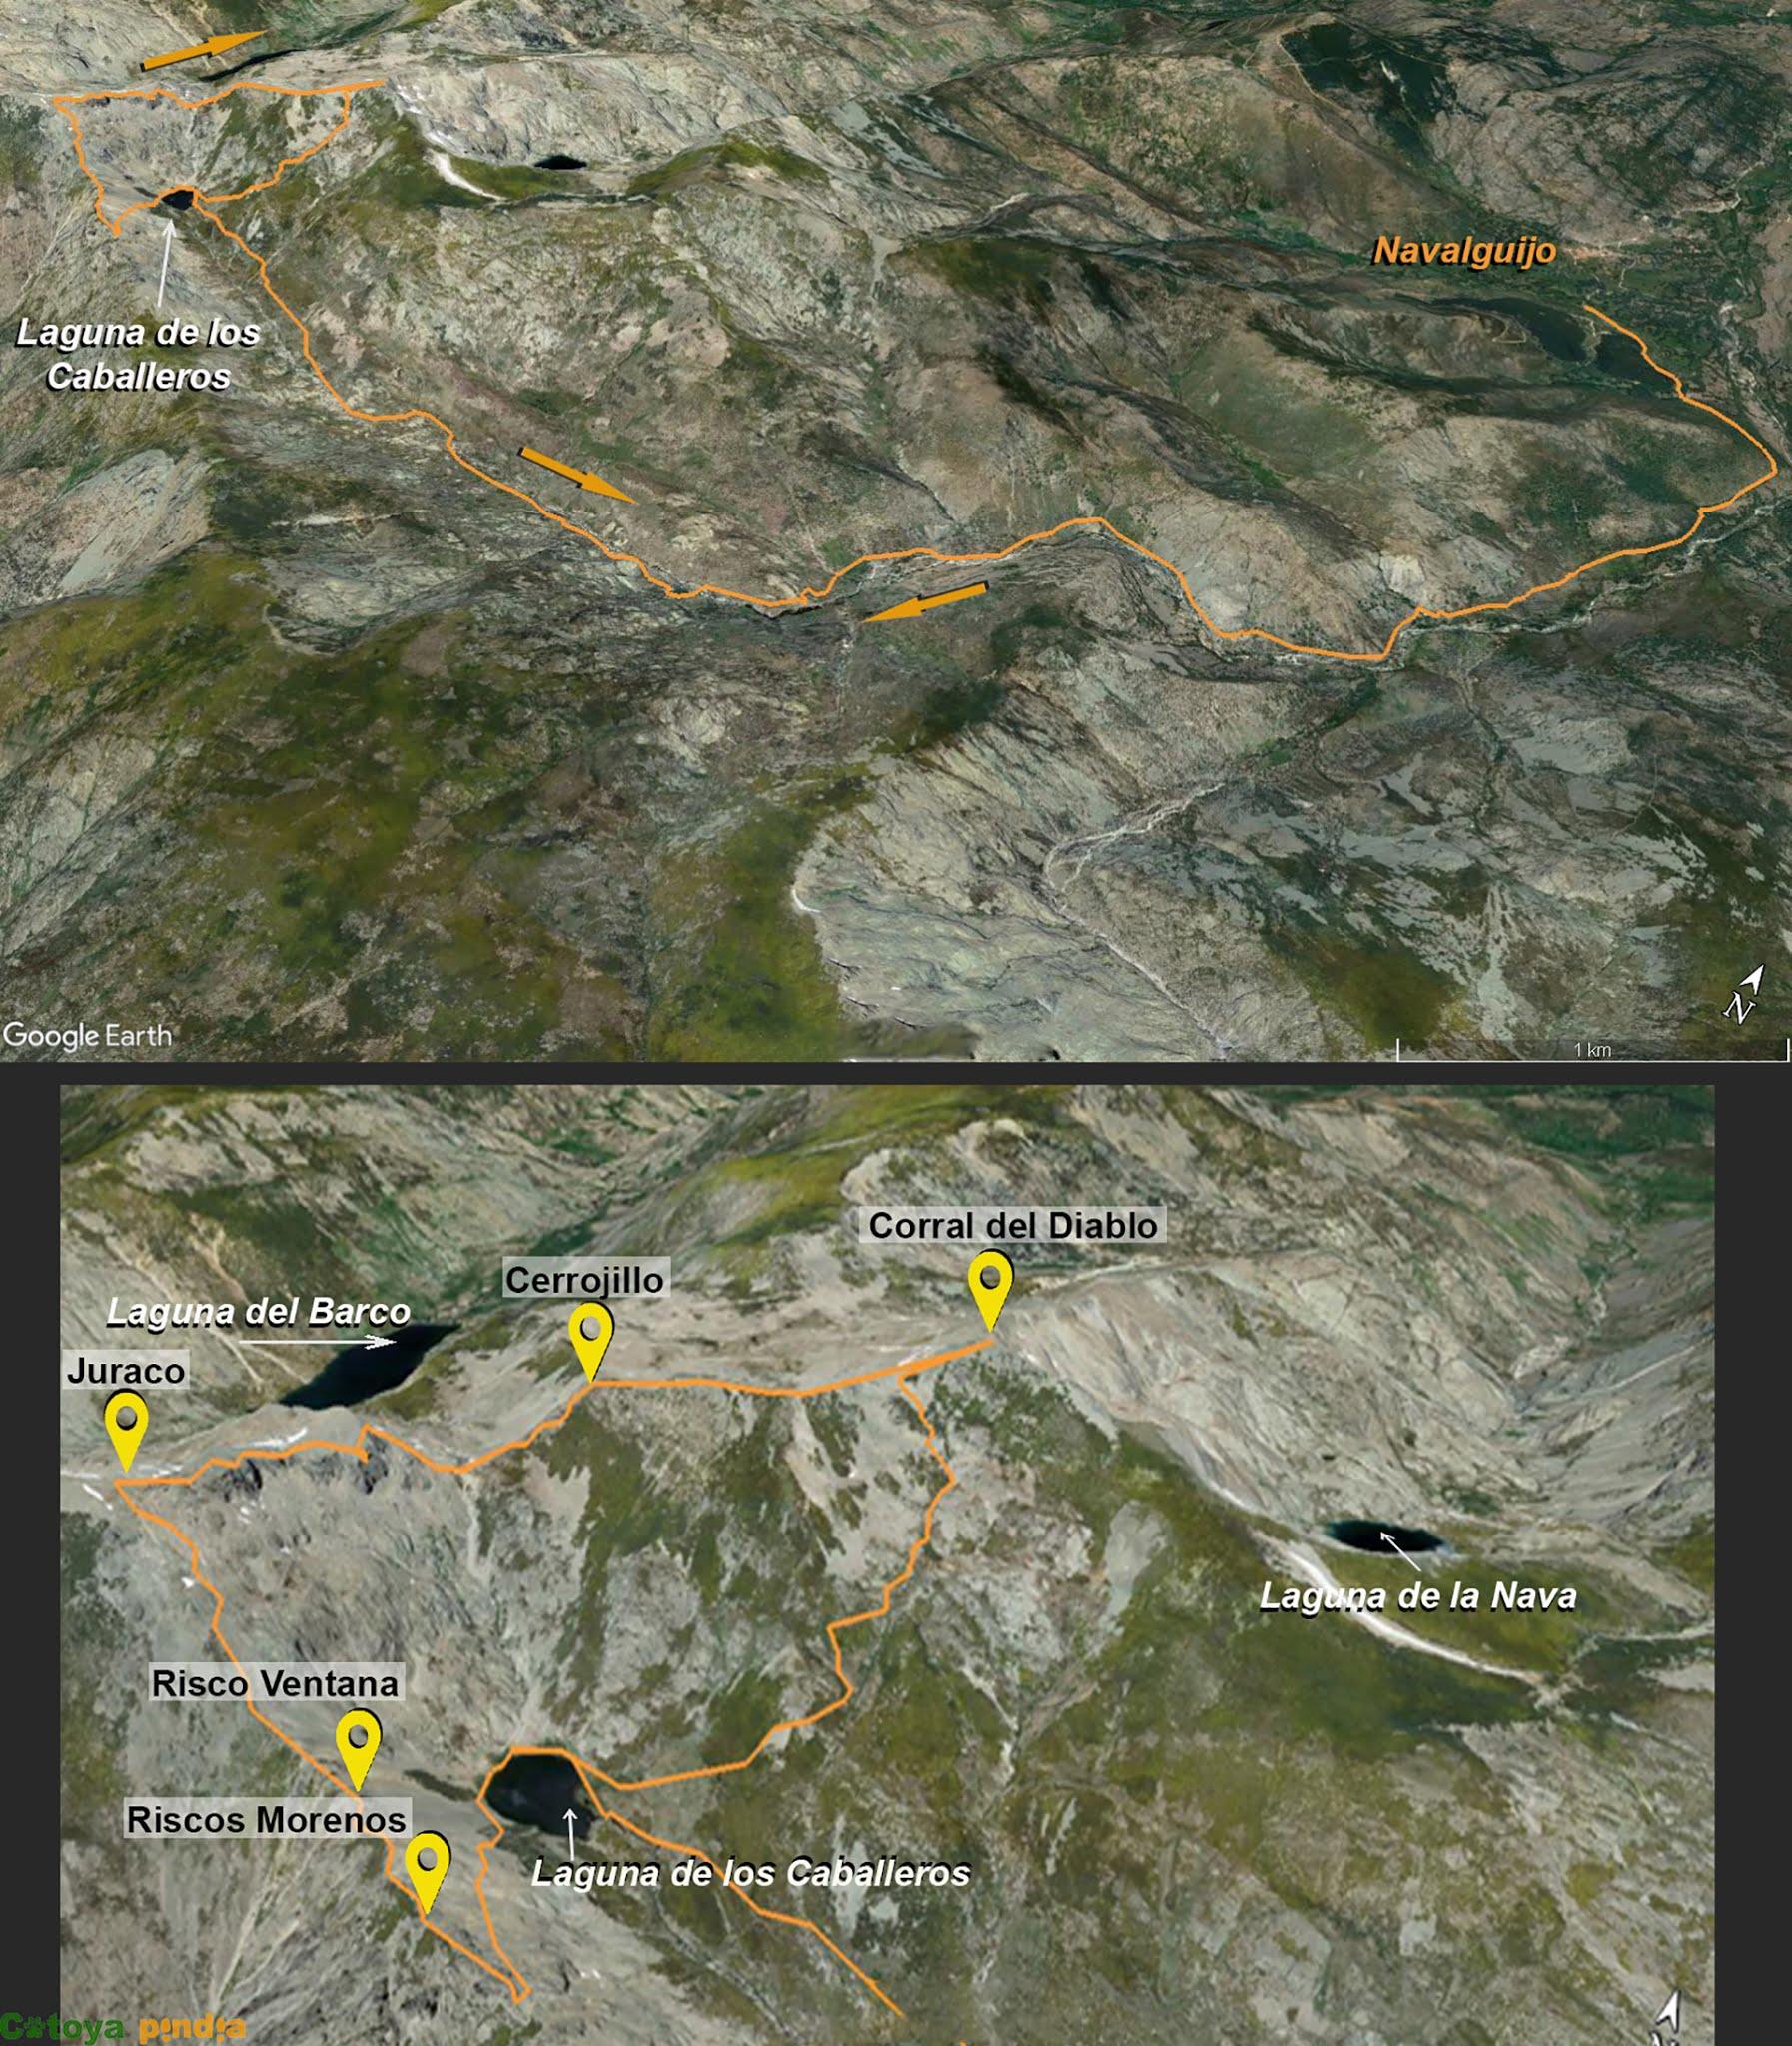 Mapa de la ruta a la Laguna de los Caballeros, Riscos Morenos, El Juraco y el Corral del Diablo